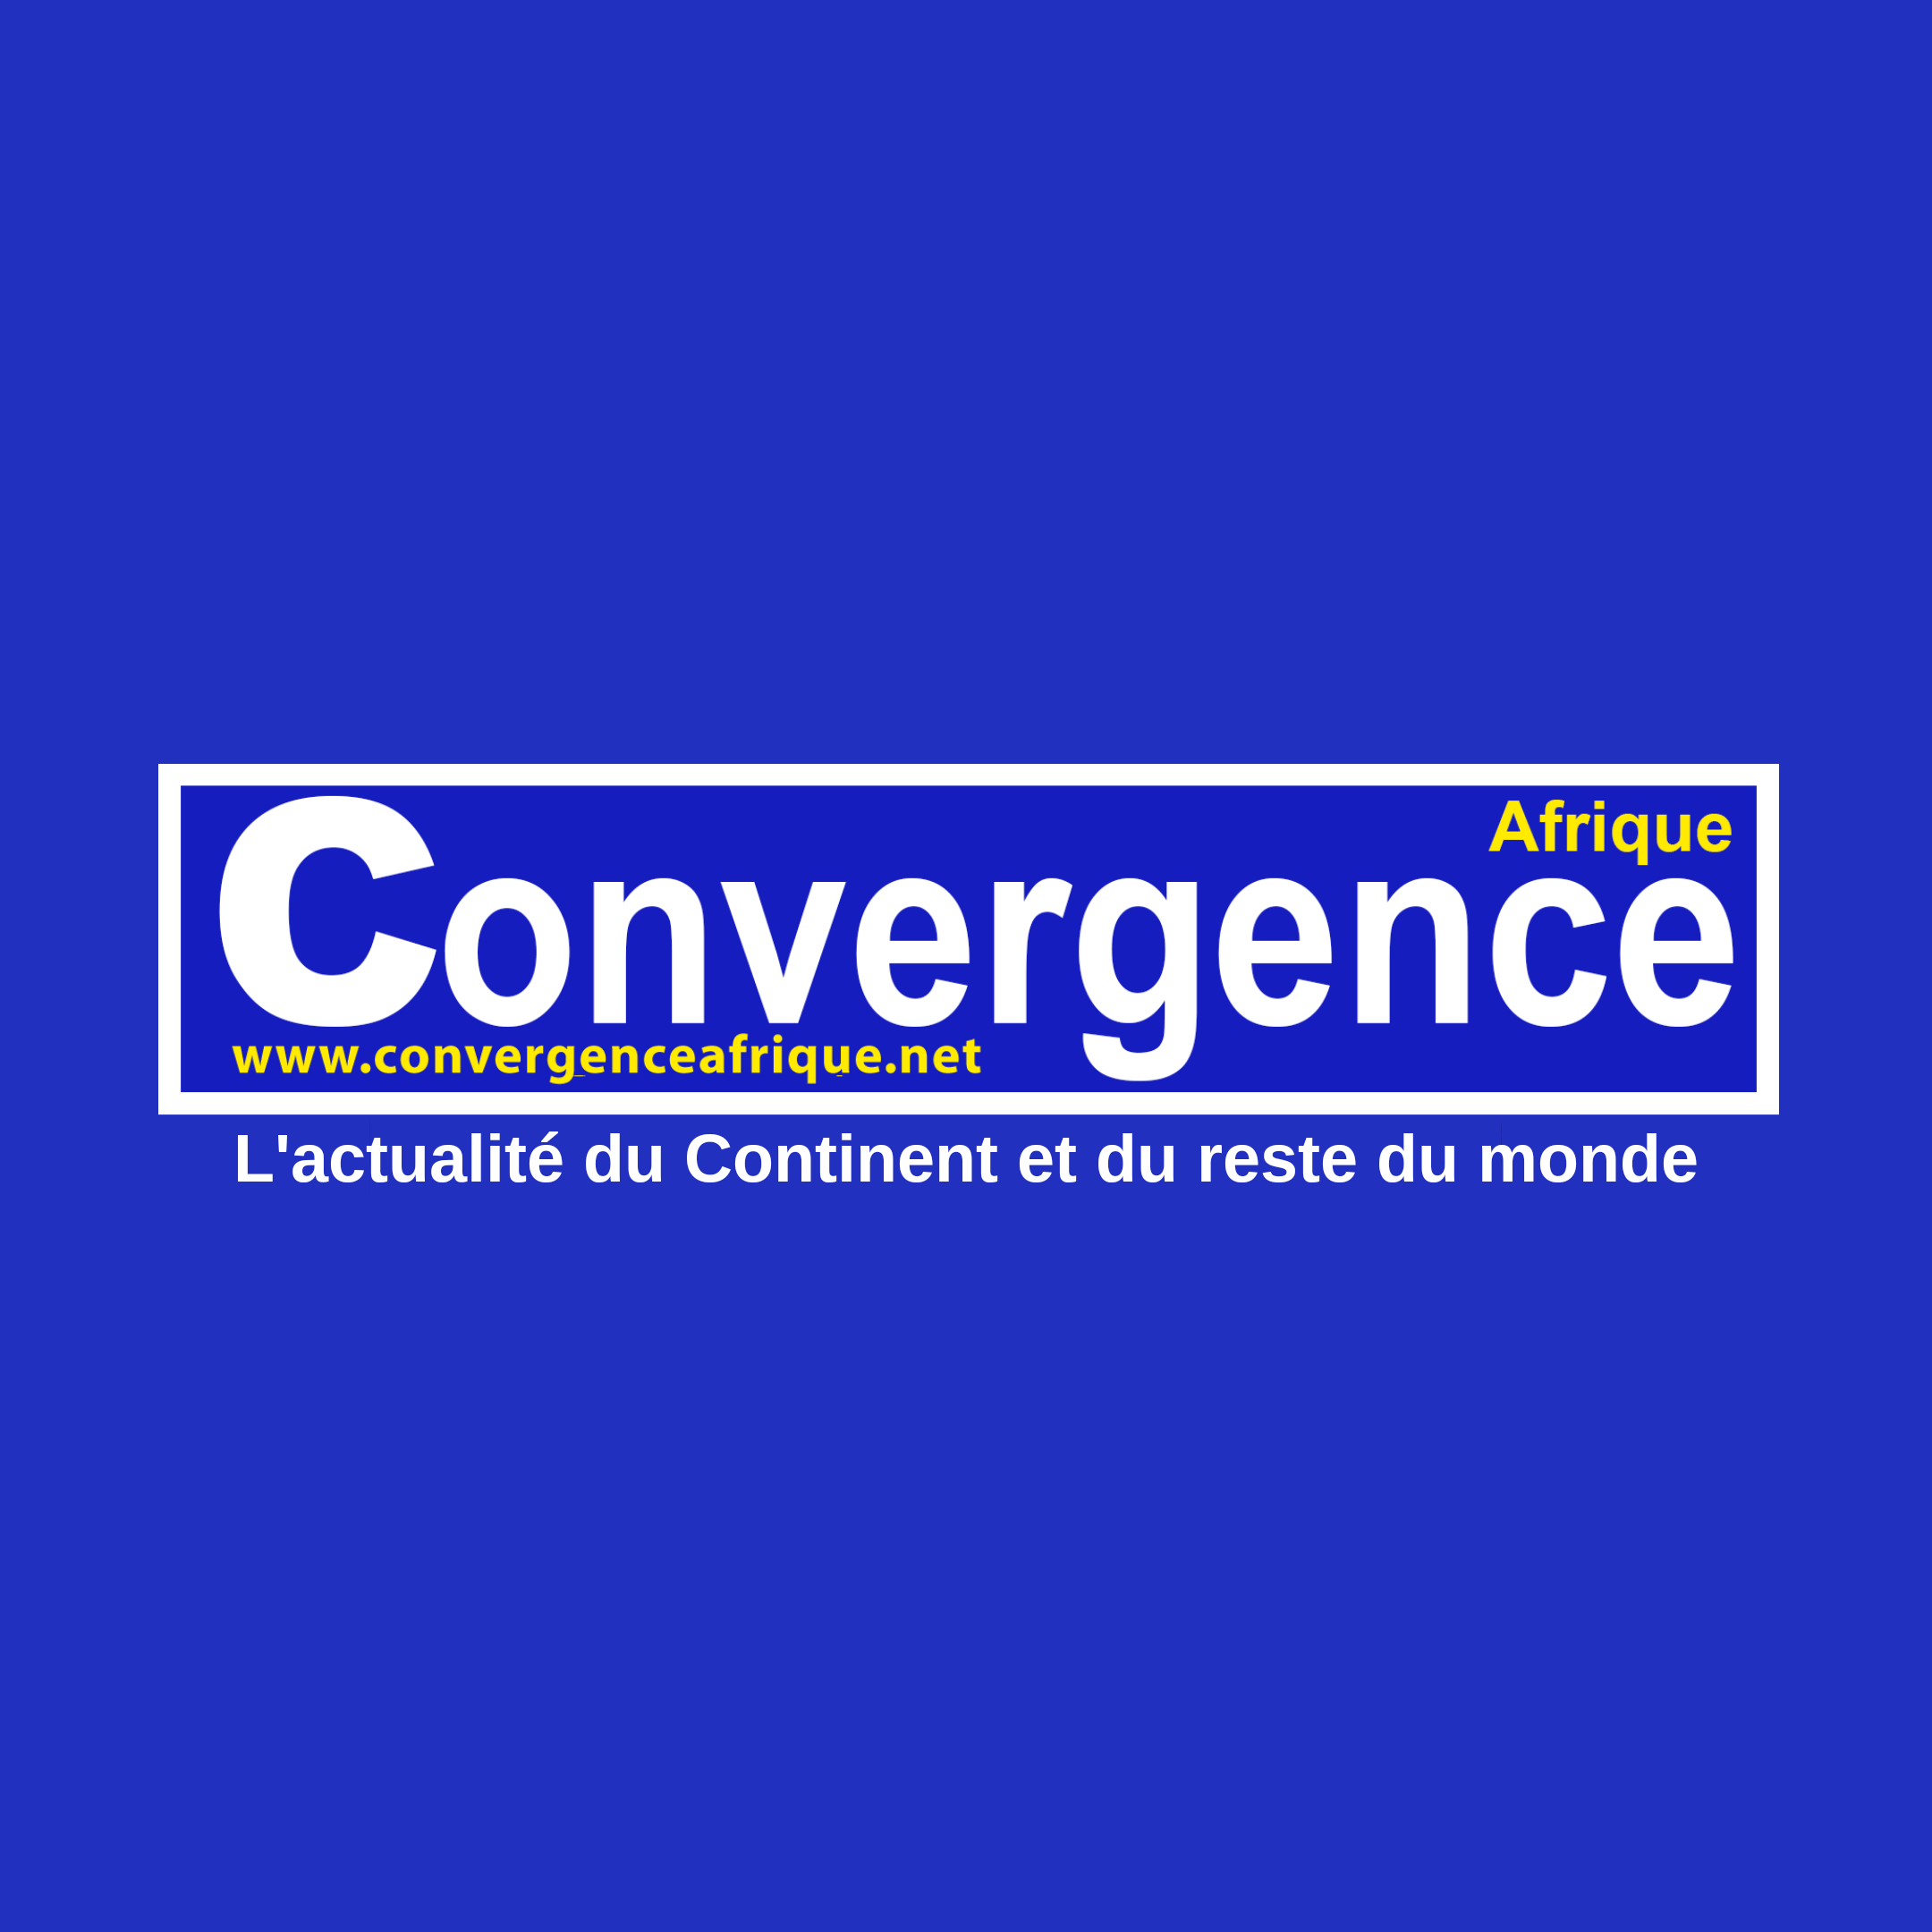 Convergence Afrique